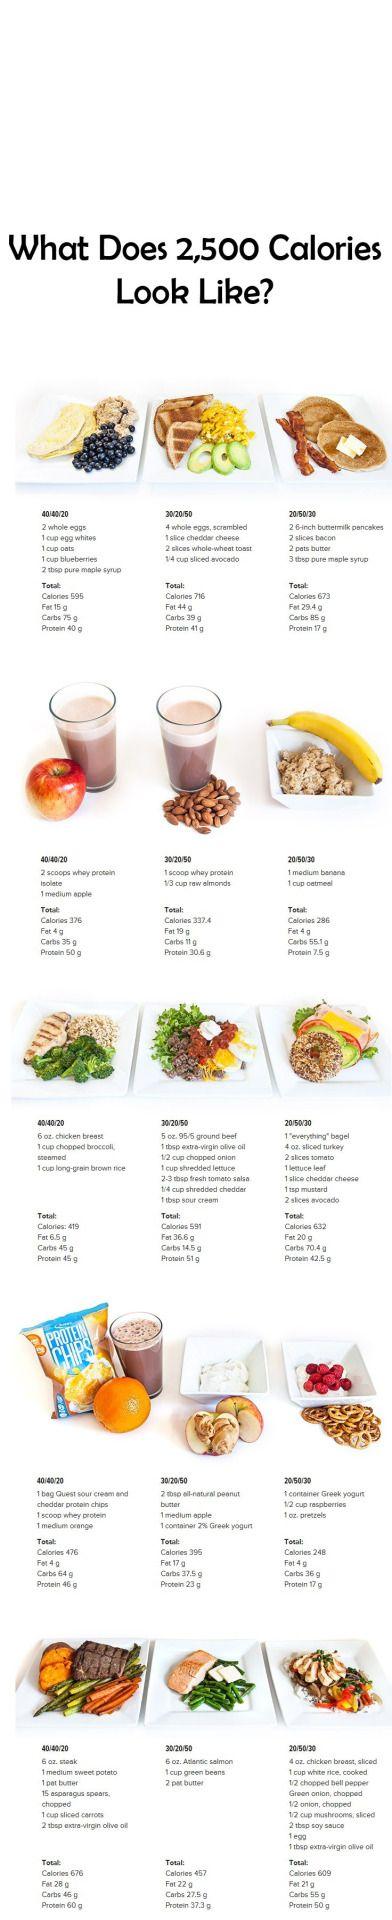 2500 calorie diet